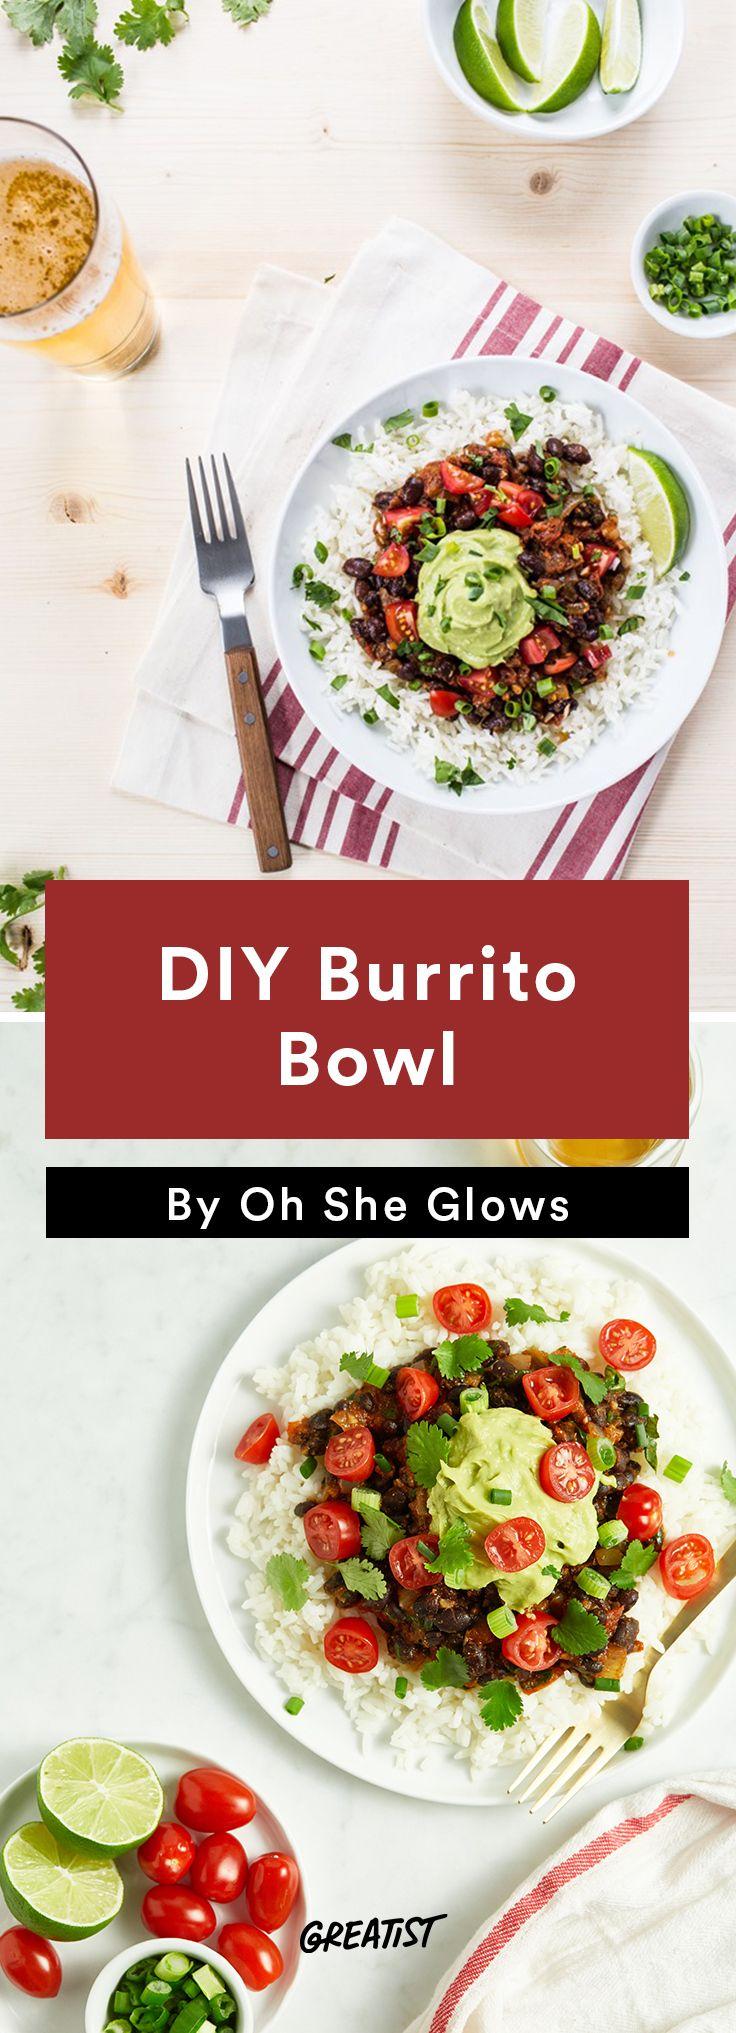 1. DIY Burrito Bowl #vegan #bowl #recipes http://greatist.com/eat/vegan-bowl-recipes-we-cant-get-enough-of